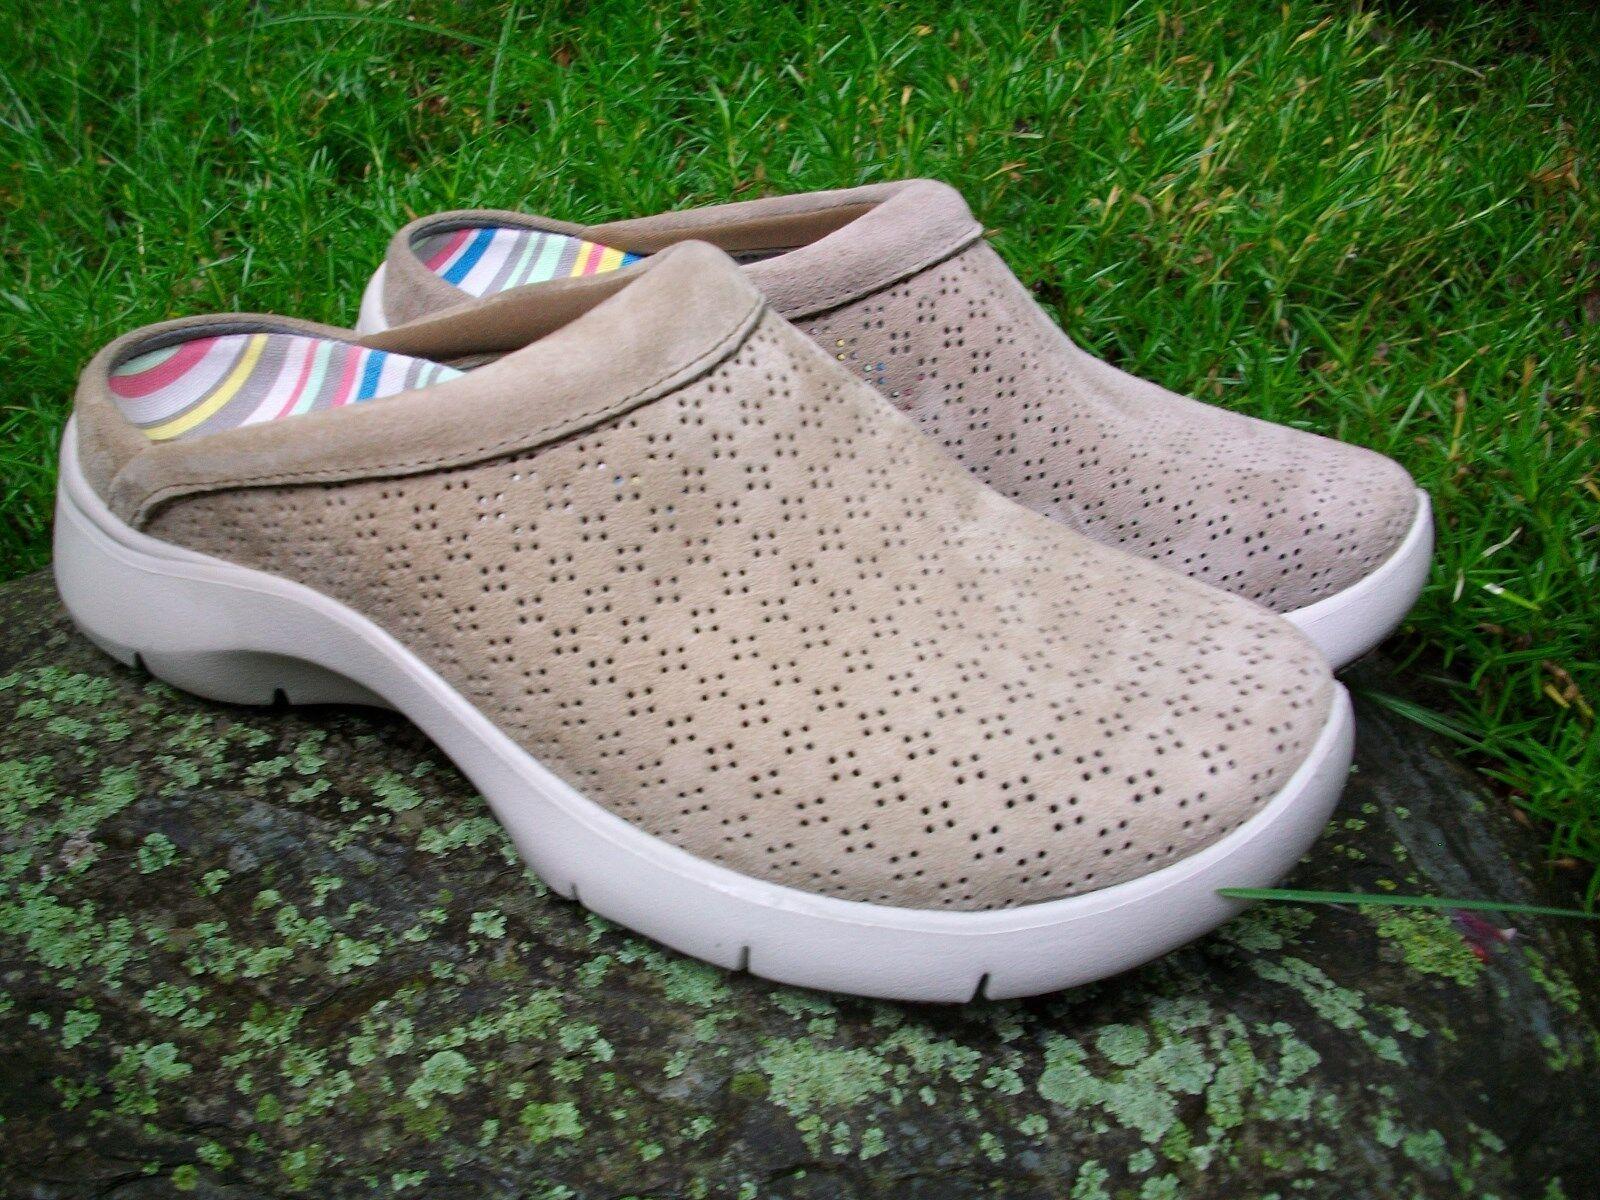 la vostra soddisfazione è il nostro obiettivo New Donna  Dansko Elin Elin Elin Suede Mocha Slip-On Mules Clogs scarpeDimensione 36M US 5.5-6  best-seller